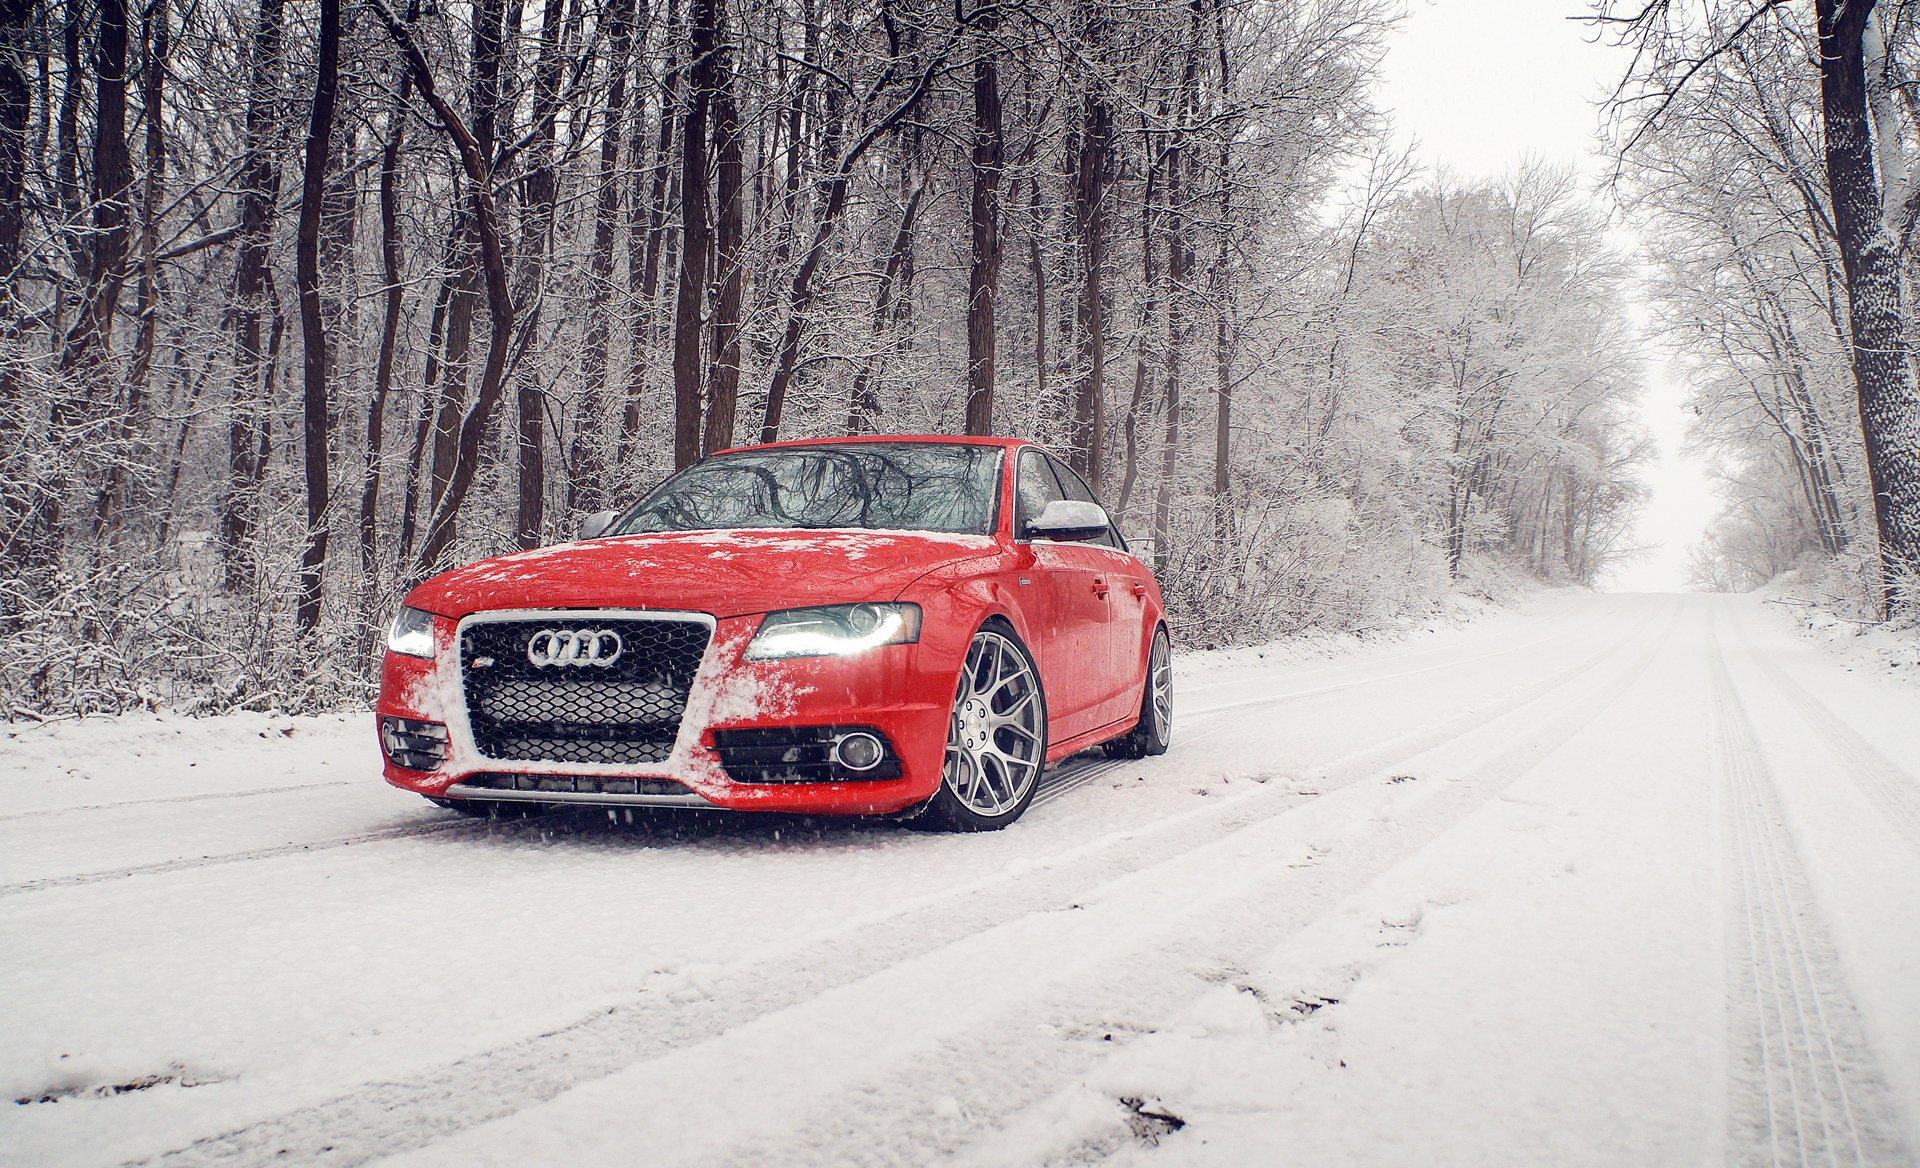 графика автомобиль красный спортивный снег зима без смс